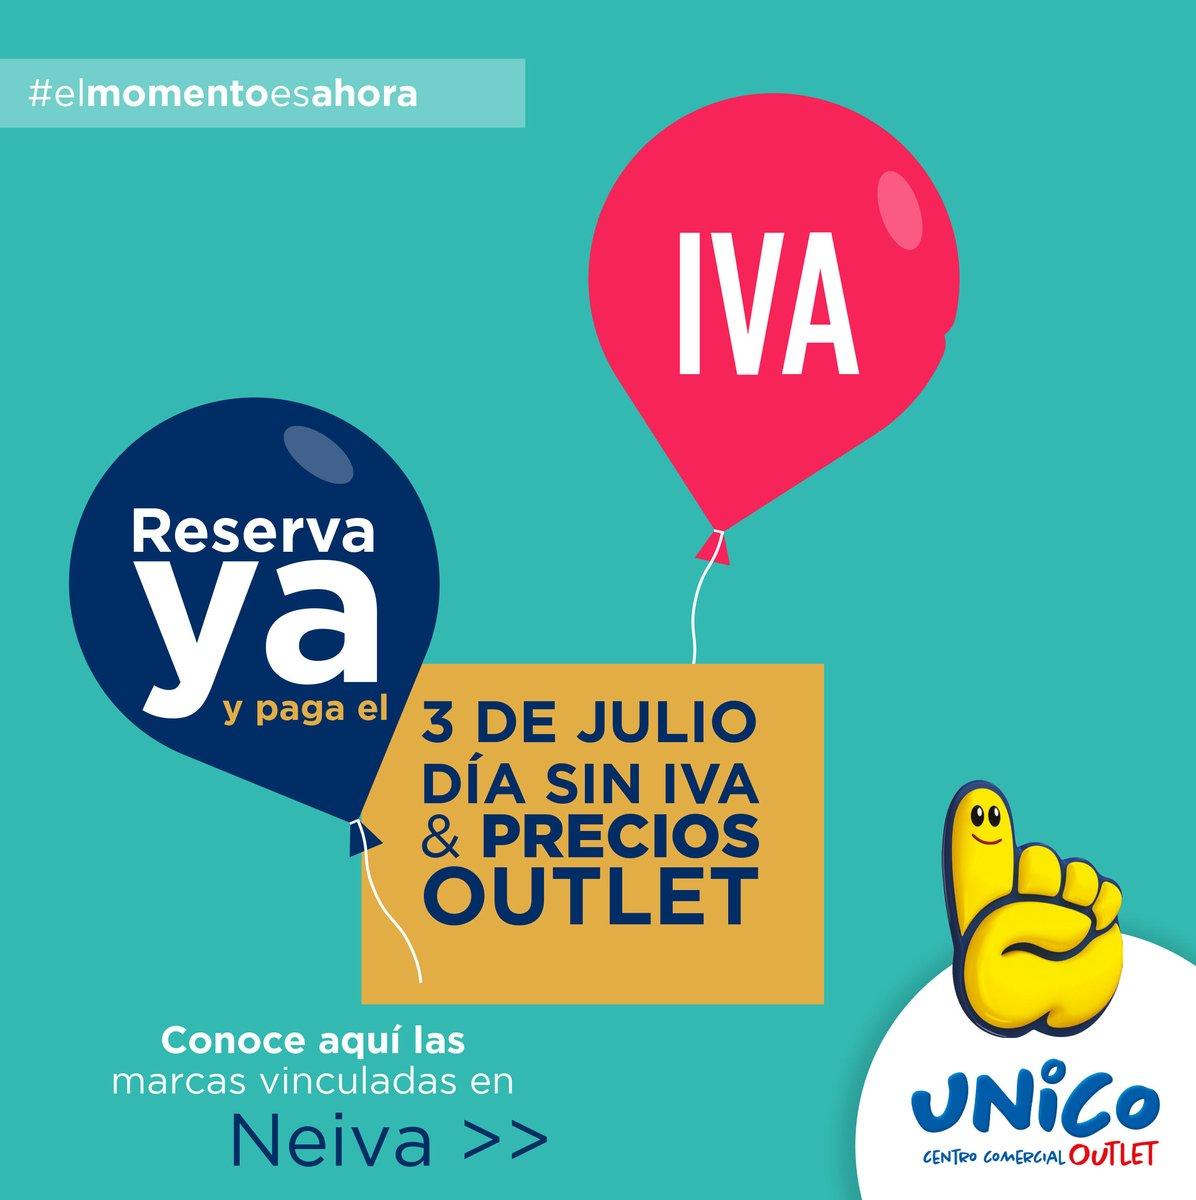 Reserva desde HOY todo lo que quieras comprar en tus tiendas favoritas de #UNICONeiva y realiza tus compras cómodo y tranquilo el 3 de julio, Día sin IVA🤩🥳  #ComprarloquequieroesUNICO☝🏼💛 También en https://t.co/QNYX0GNfWR 📲 #MegaOutlet #ElOutletDeColombia https://t.co/XGserpnMNS